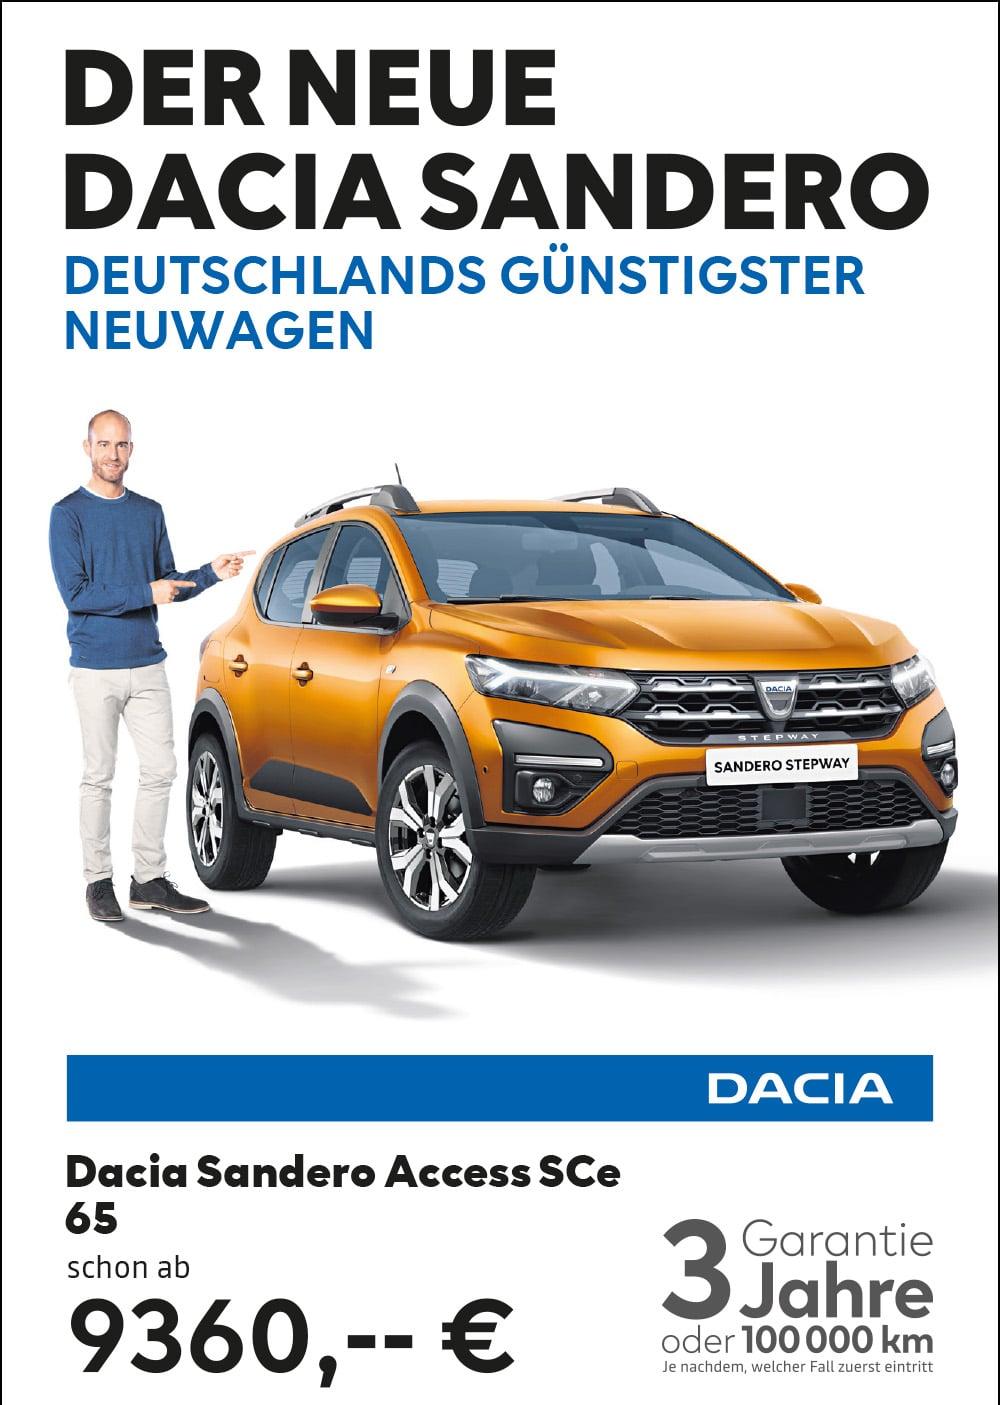 Der neue DACIA Sandero